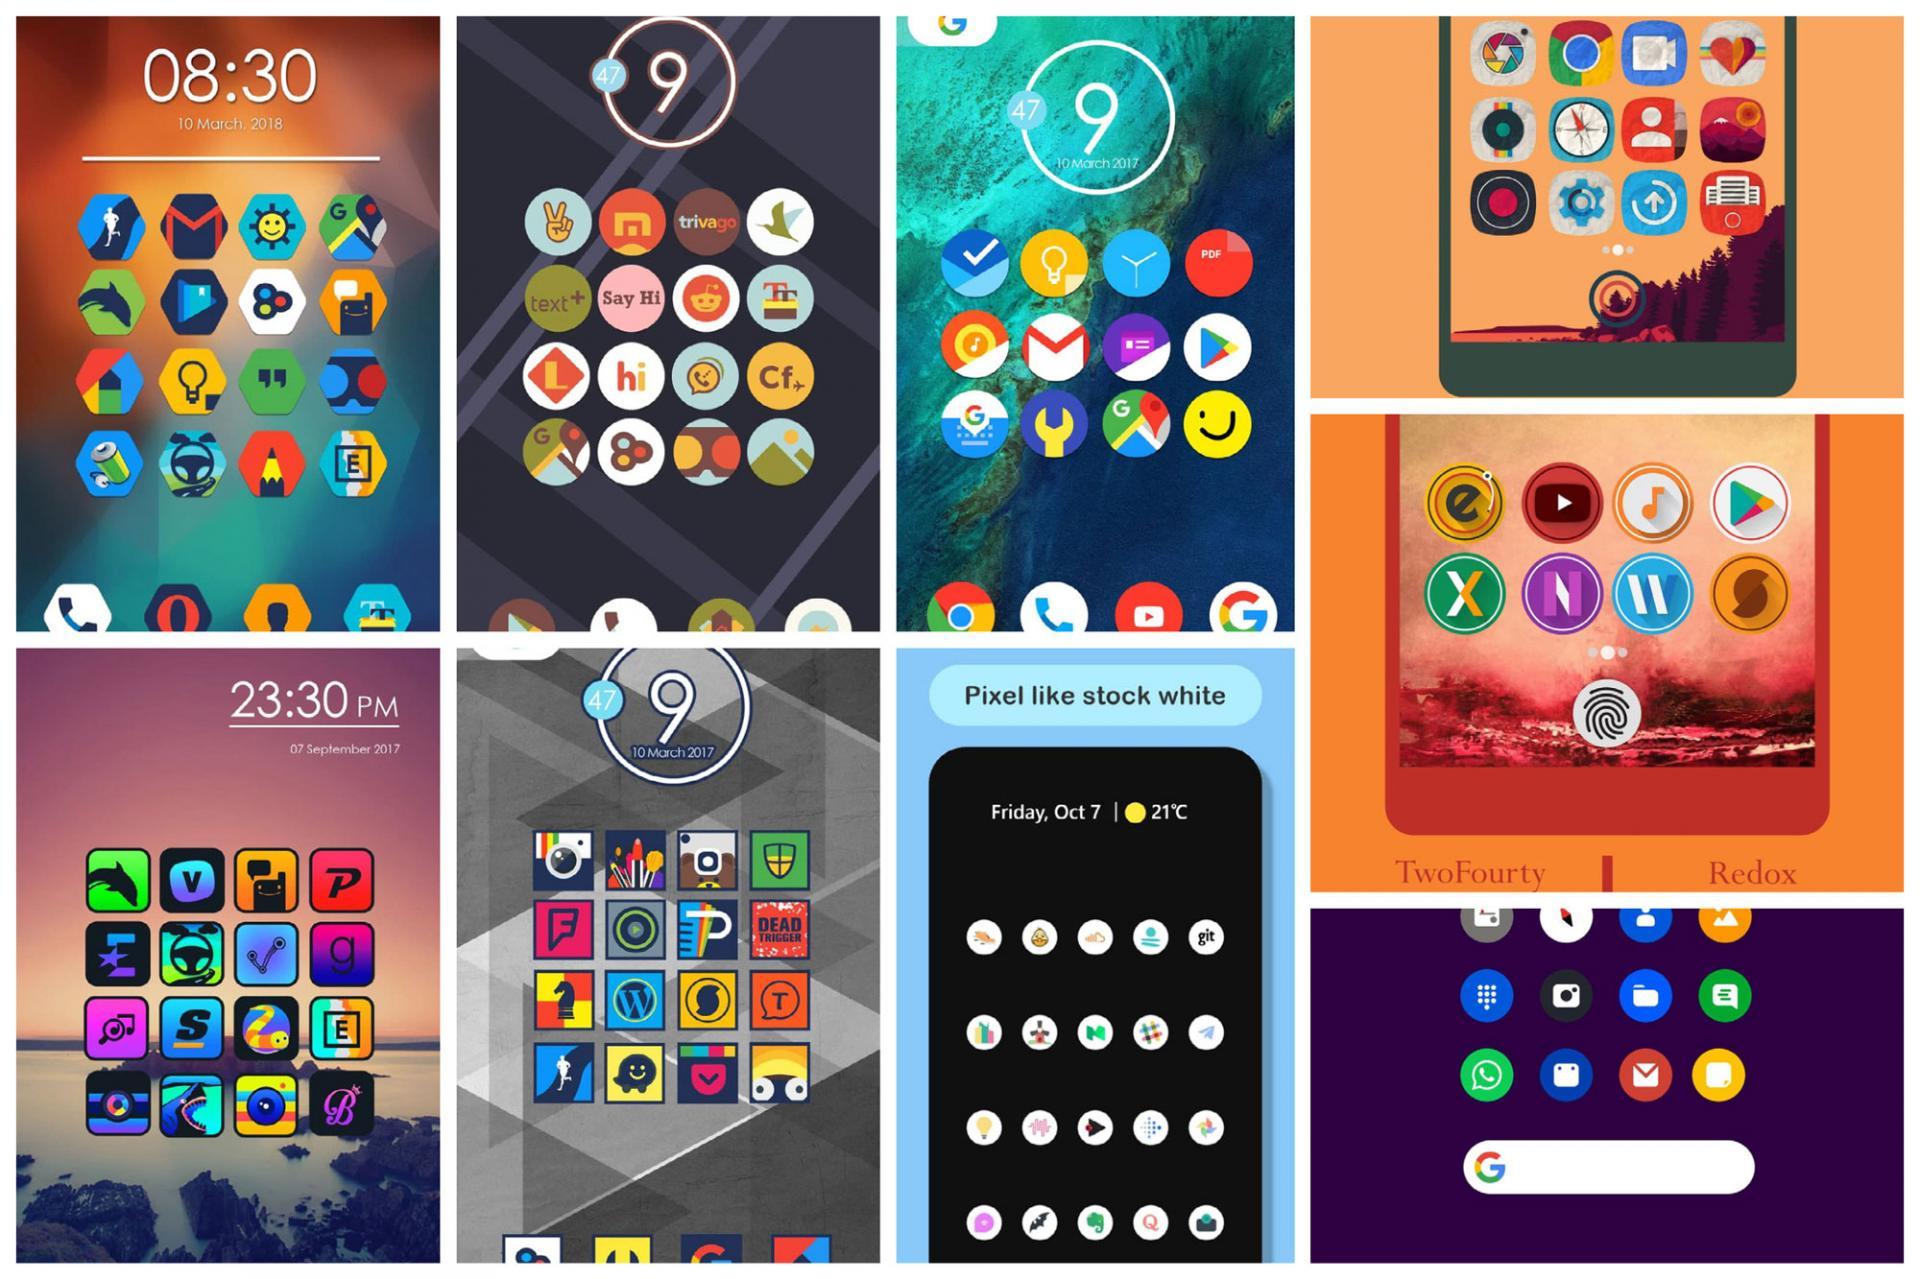 15 наборов иконок для Android, которые вас впечатлят